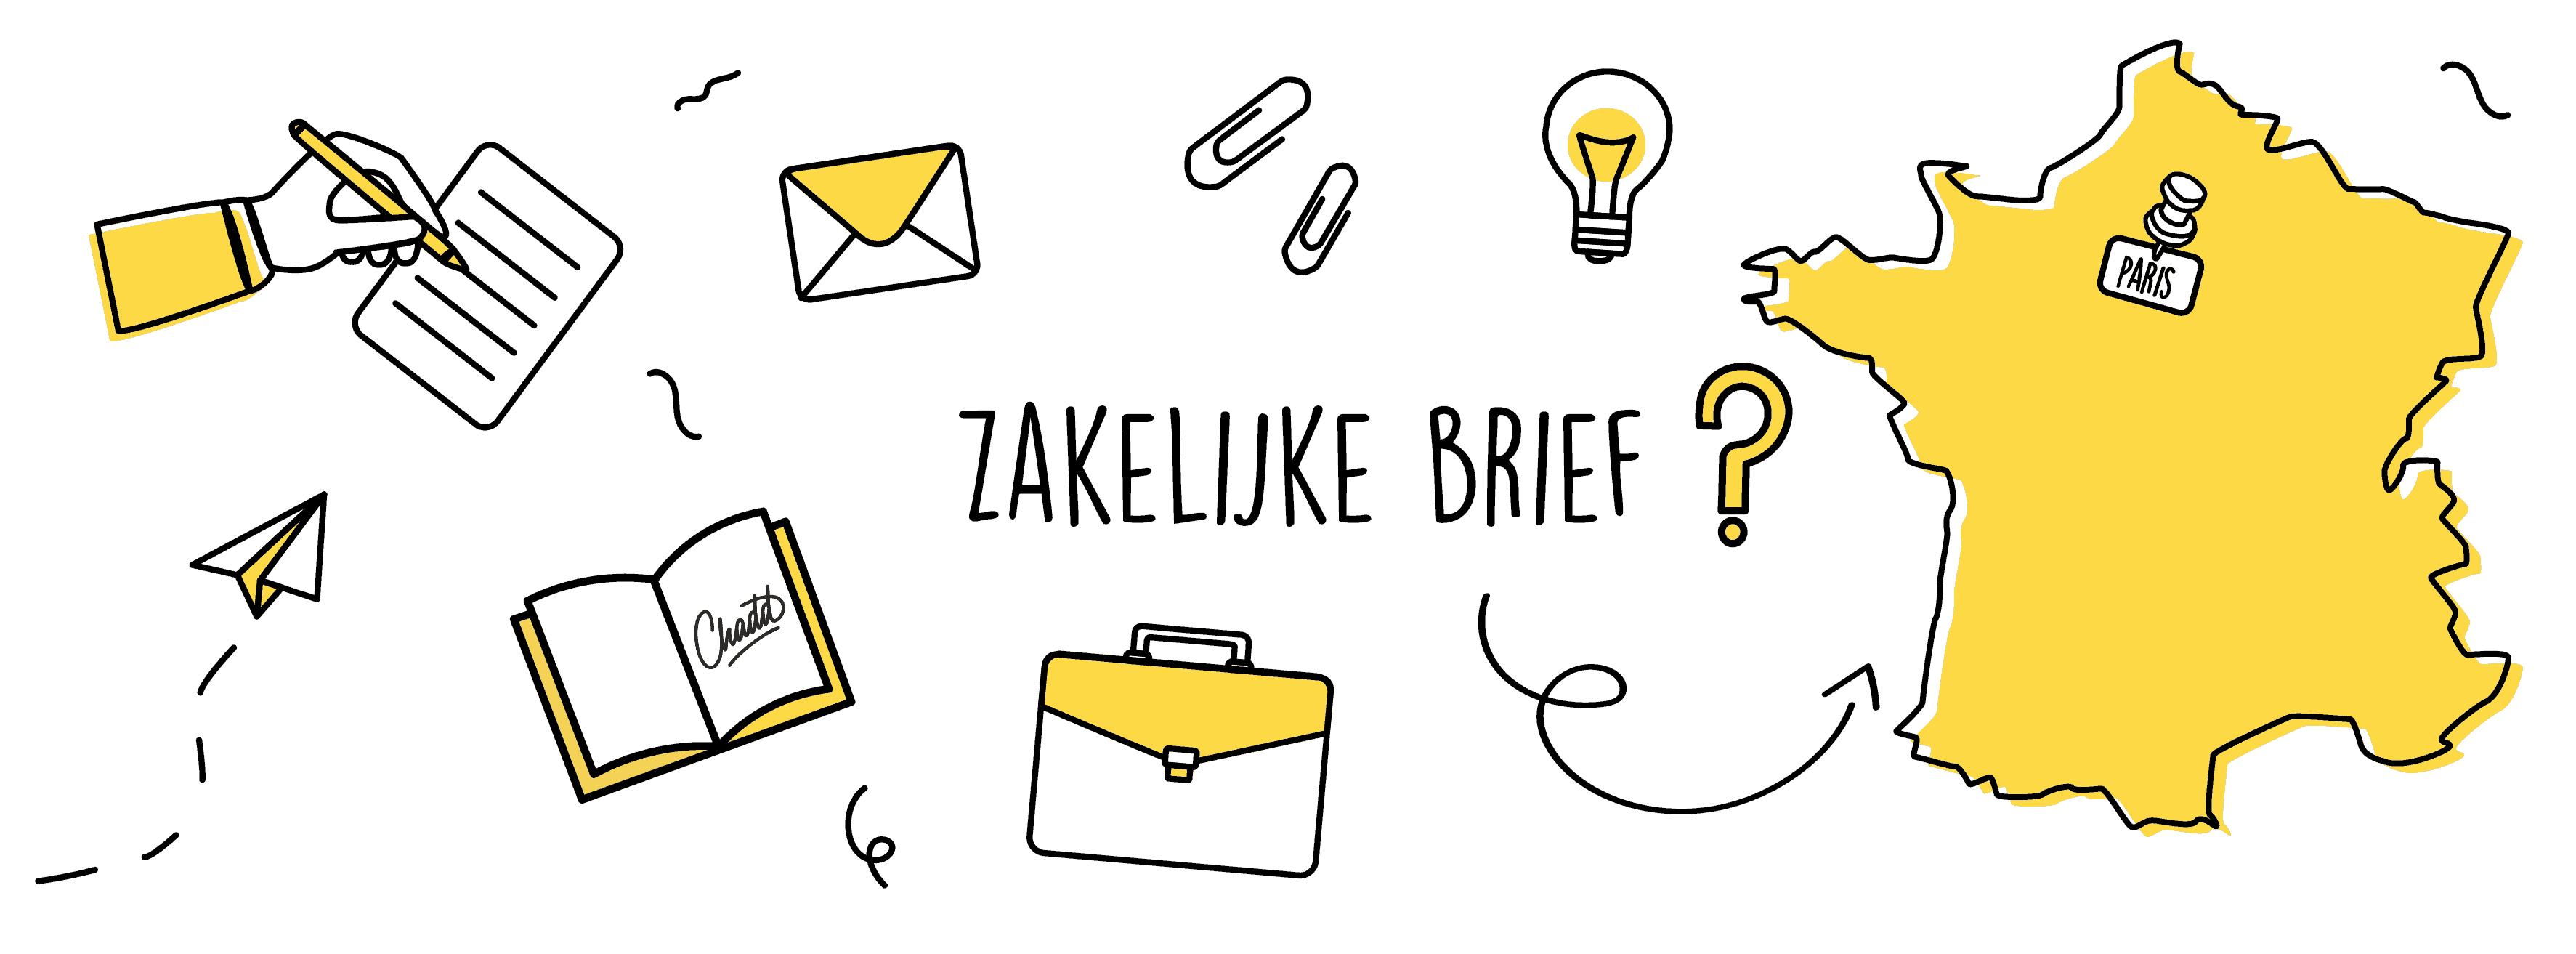 Zakelijke brief in het Frans